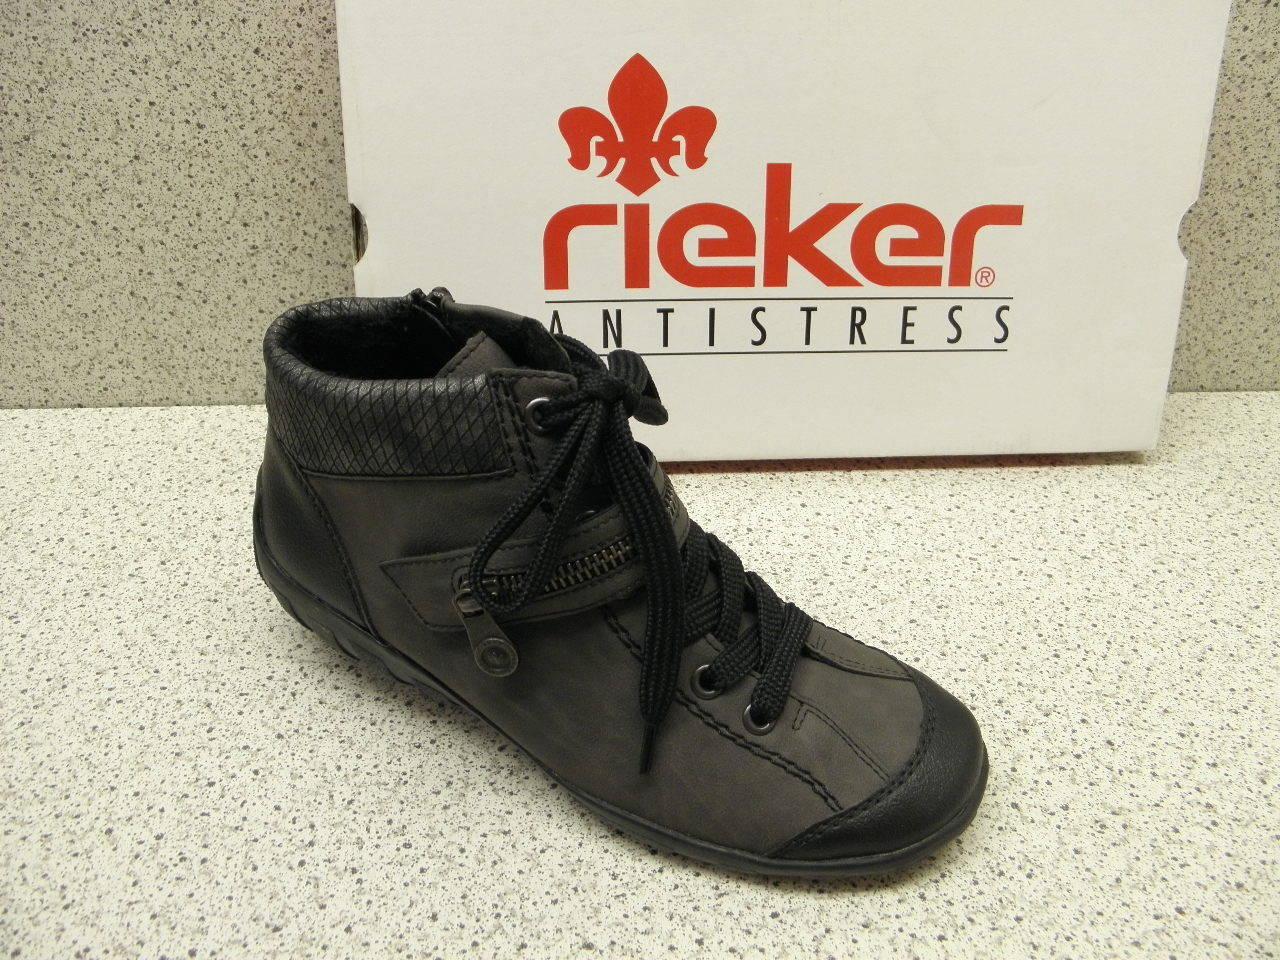 Rieker ® réduit, jusqu 'ici  moderne moderne moderne gris l6542-01 (r151) ba93a5